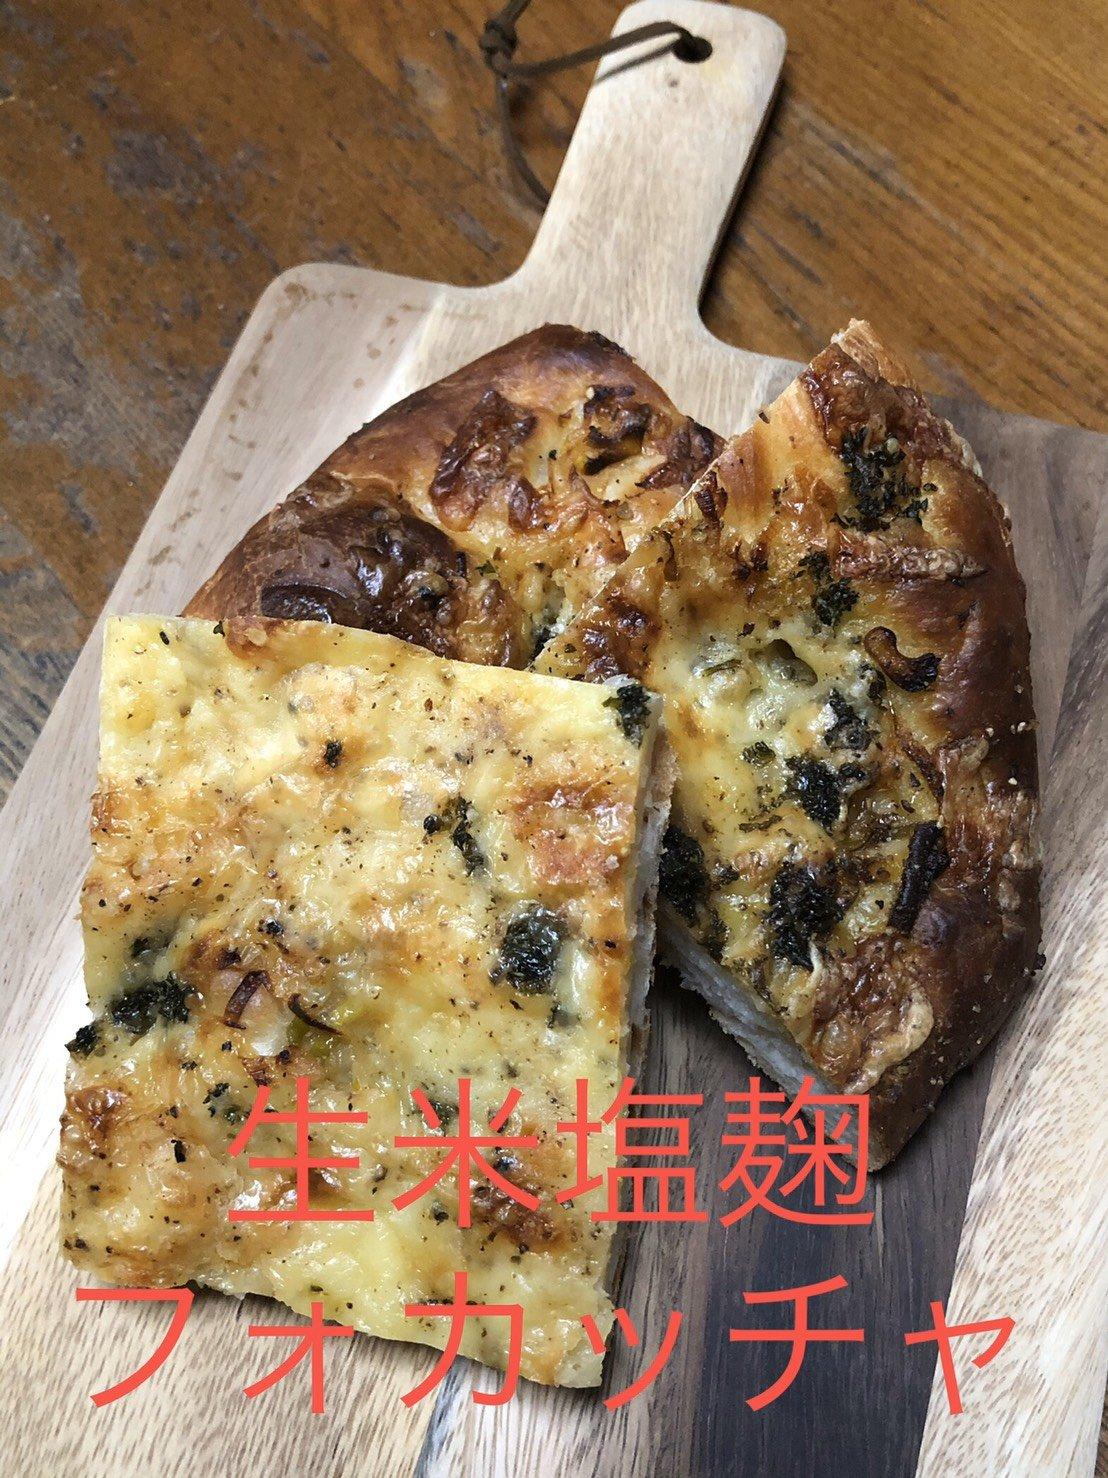 (現地払い)夏のシュトレン麹のマジパン入りレッスンと生米フォカッチャのランチ付き 7月18日(土)のイメージその1